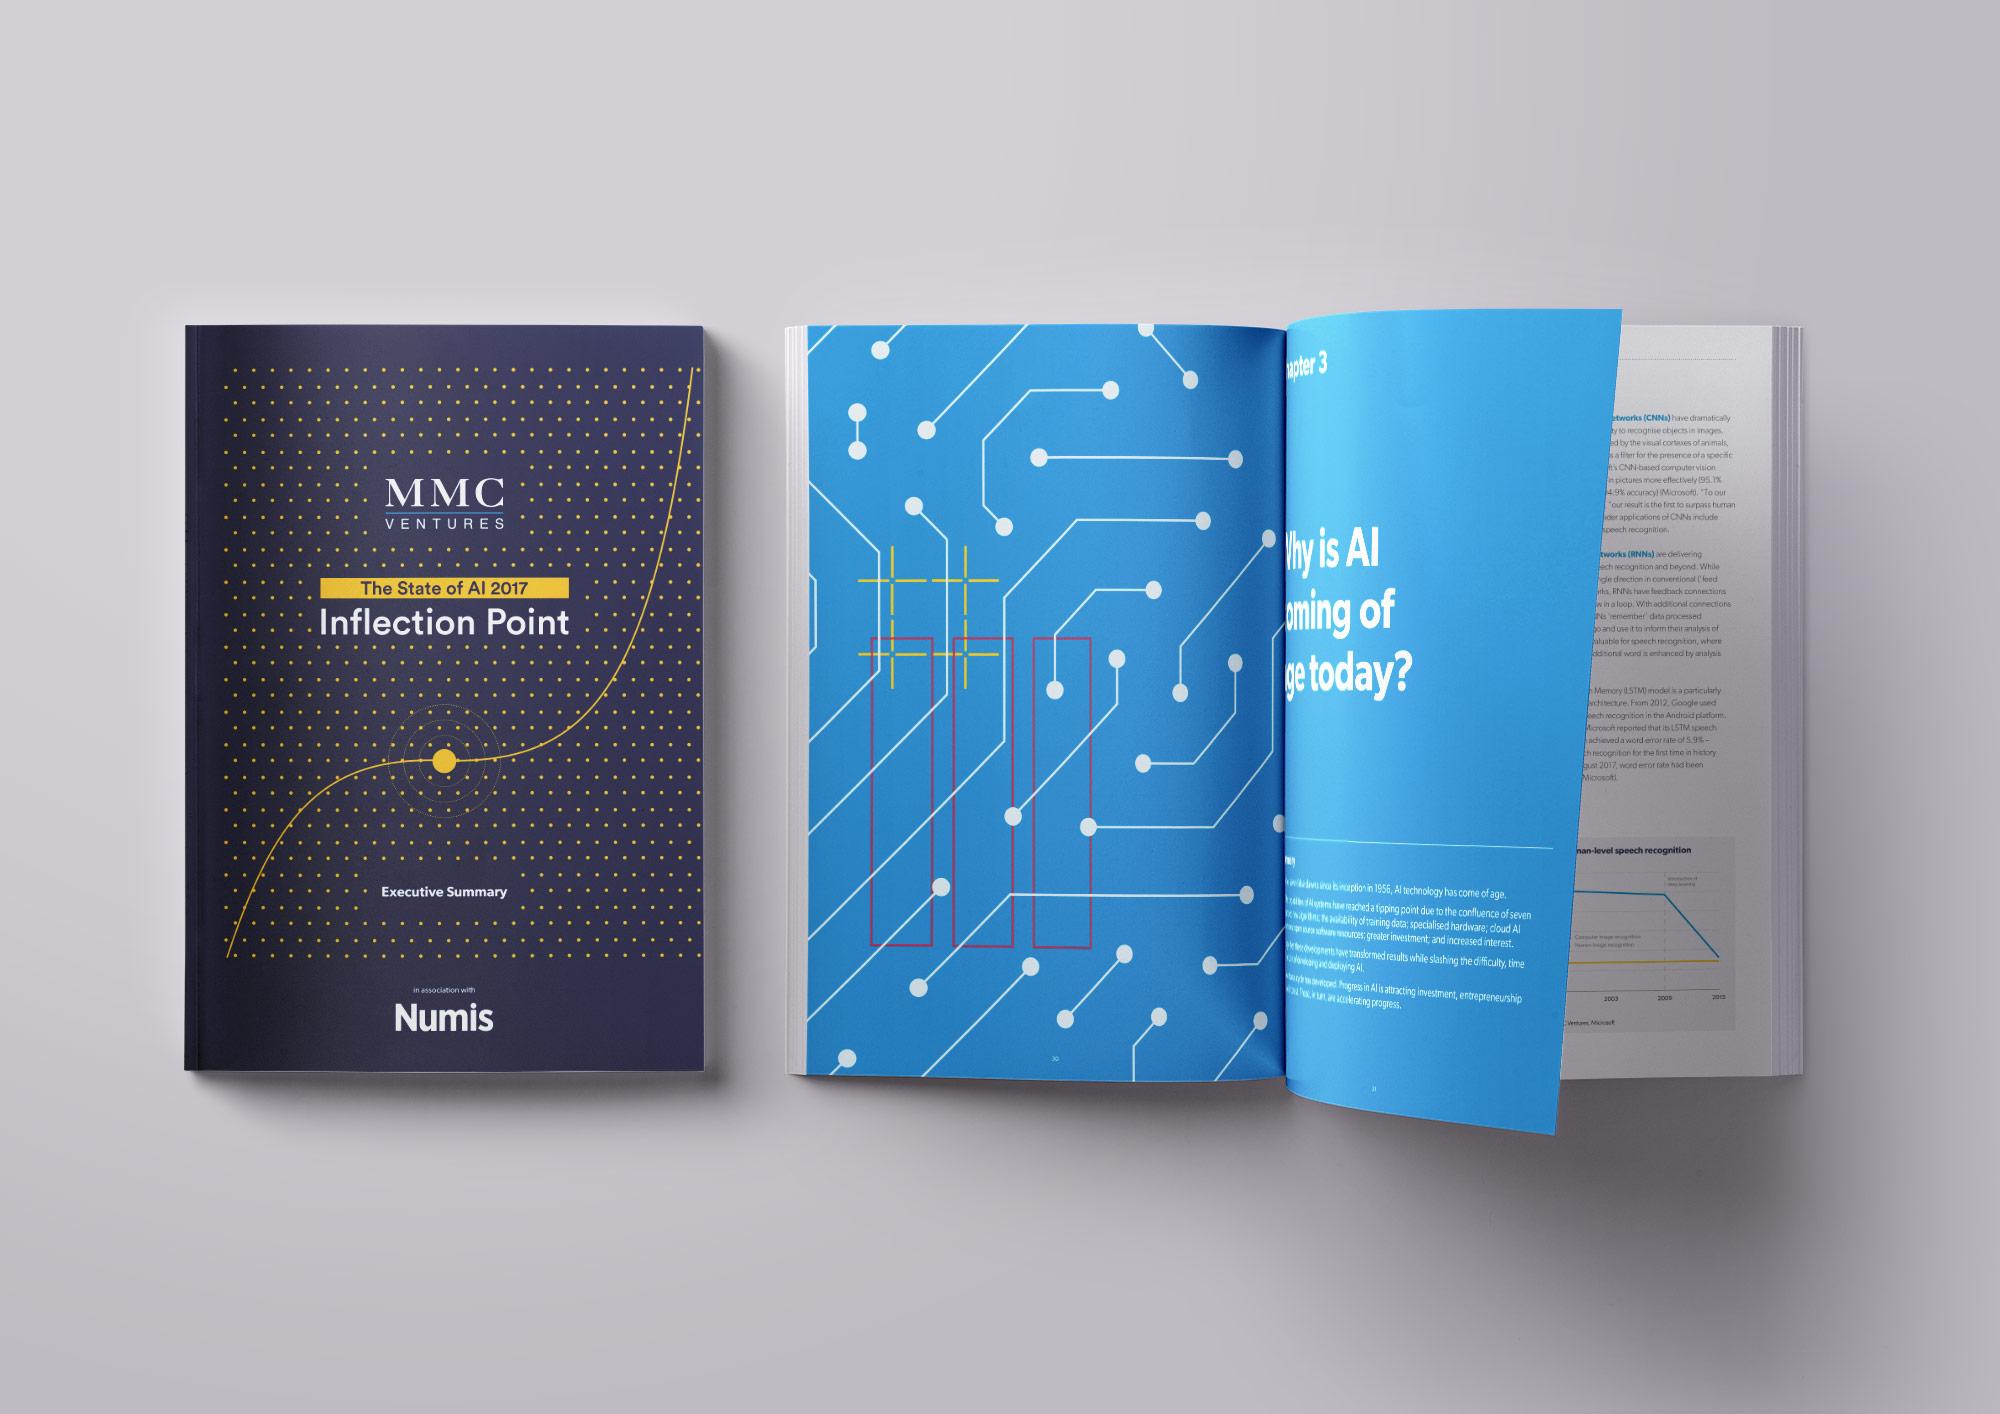 MMC-State-of-Ai_case-study1